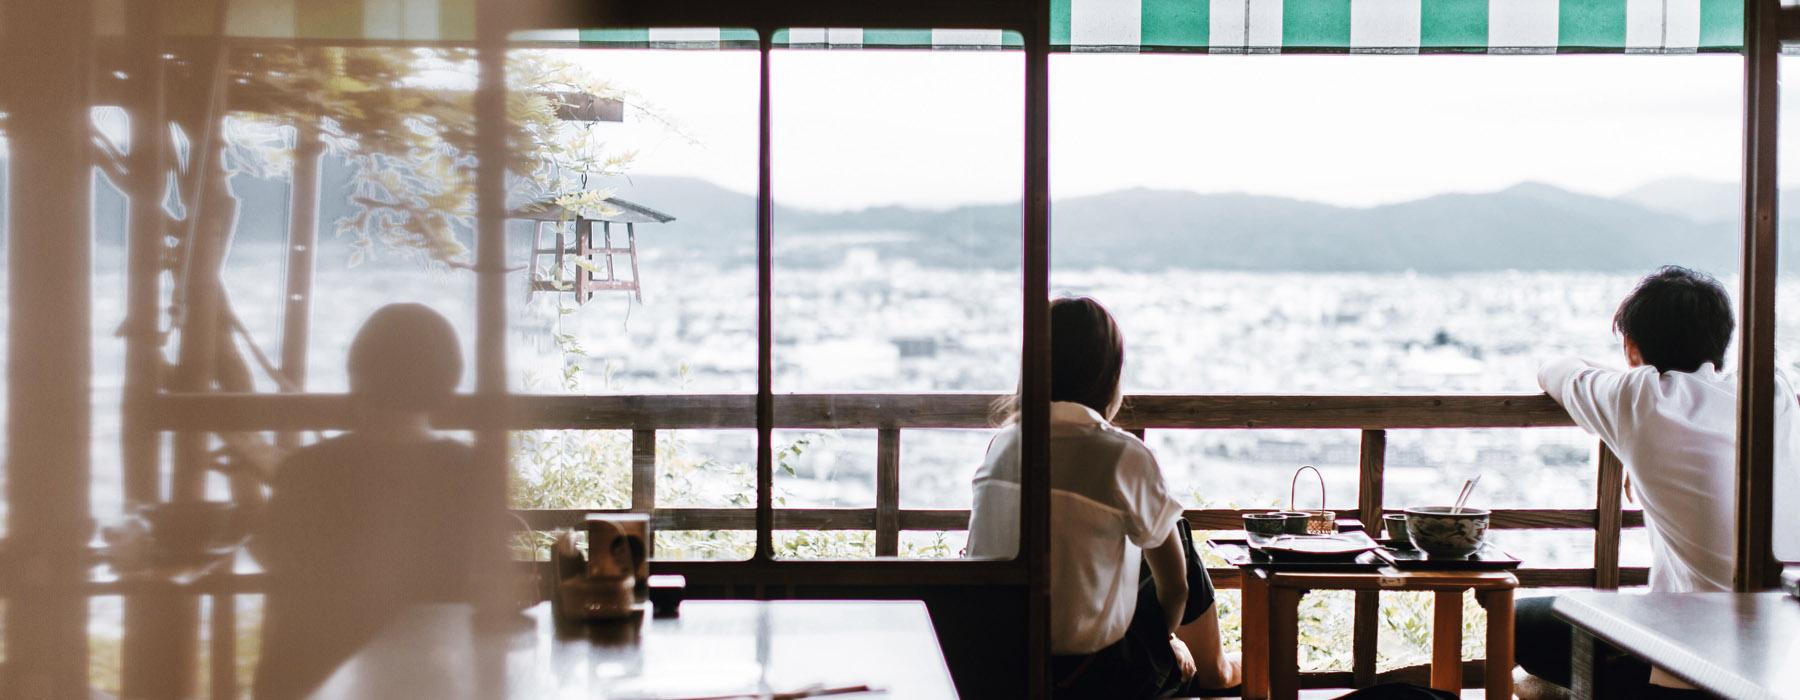 service de rencontres Japon conseils de rencontres en ligne pour le succès